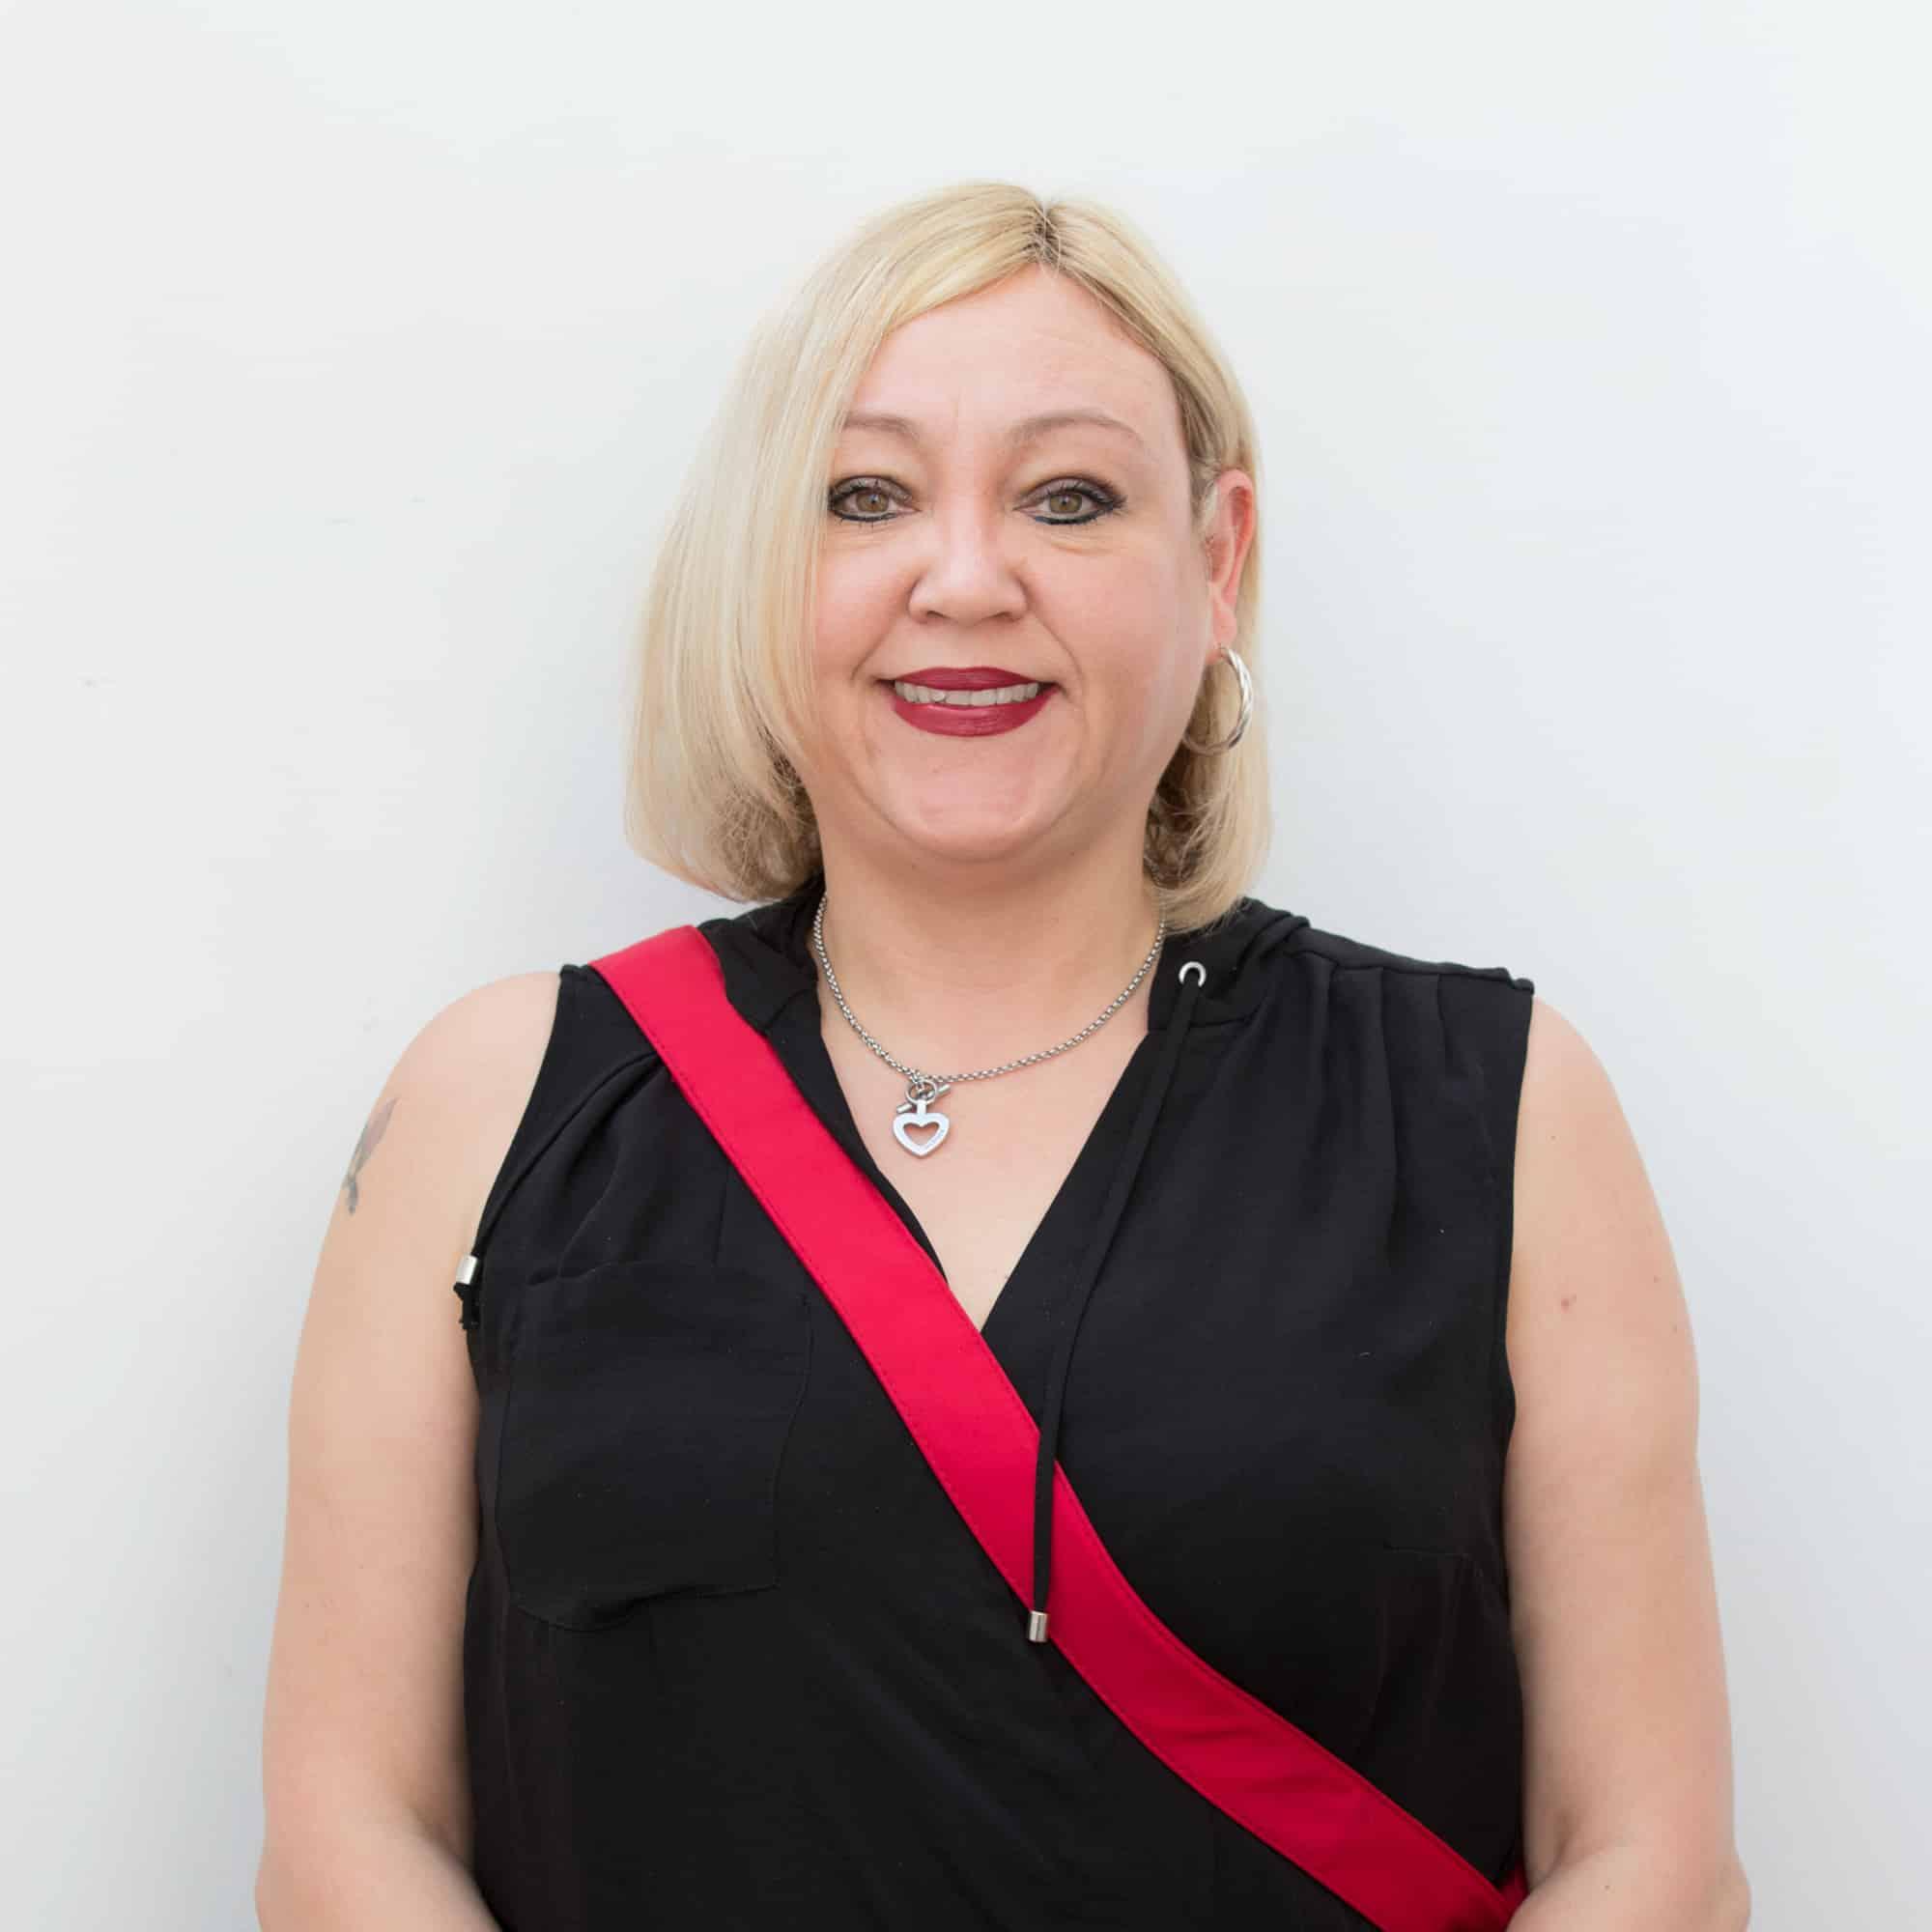 Karen Diffin